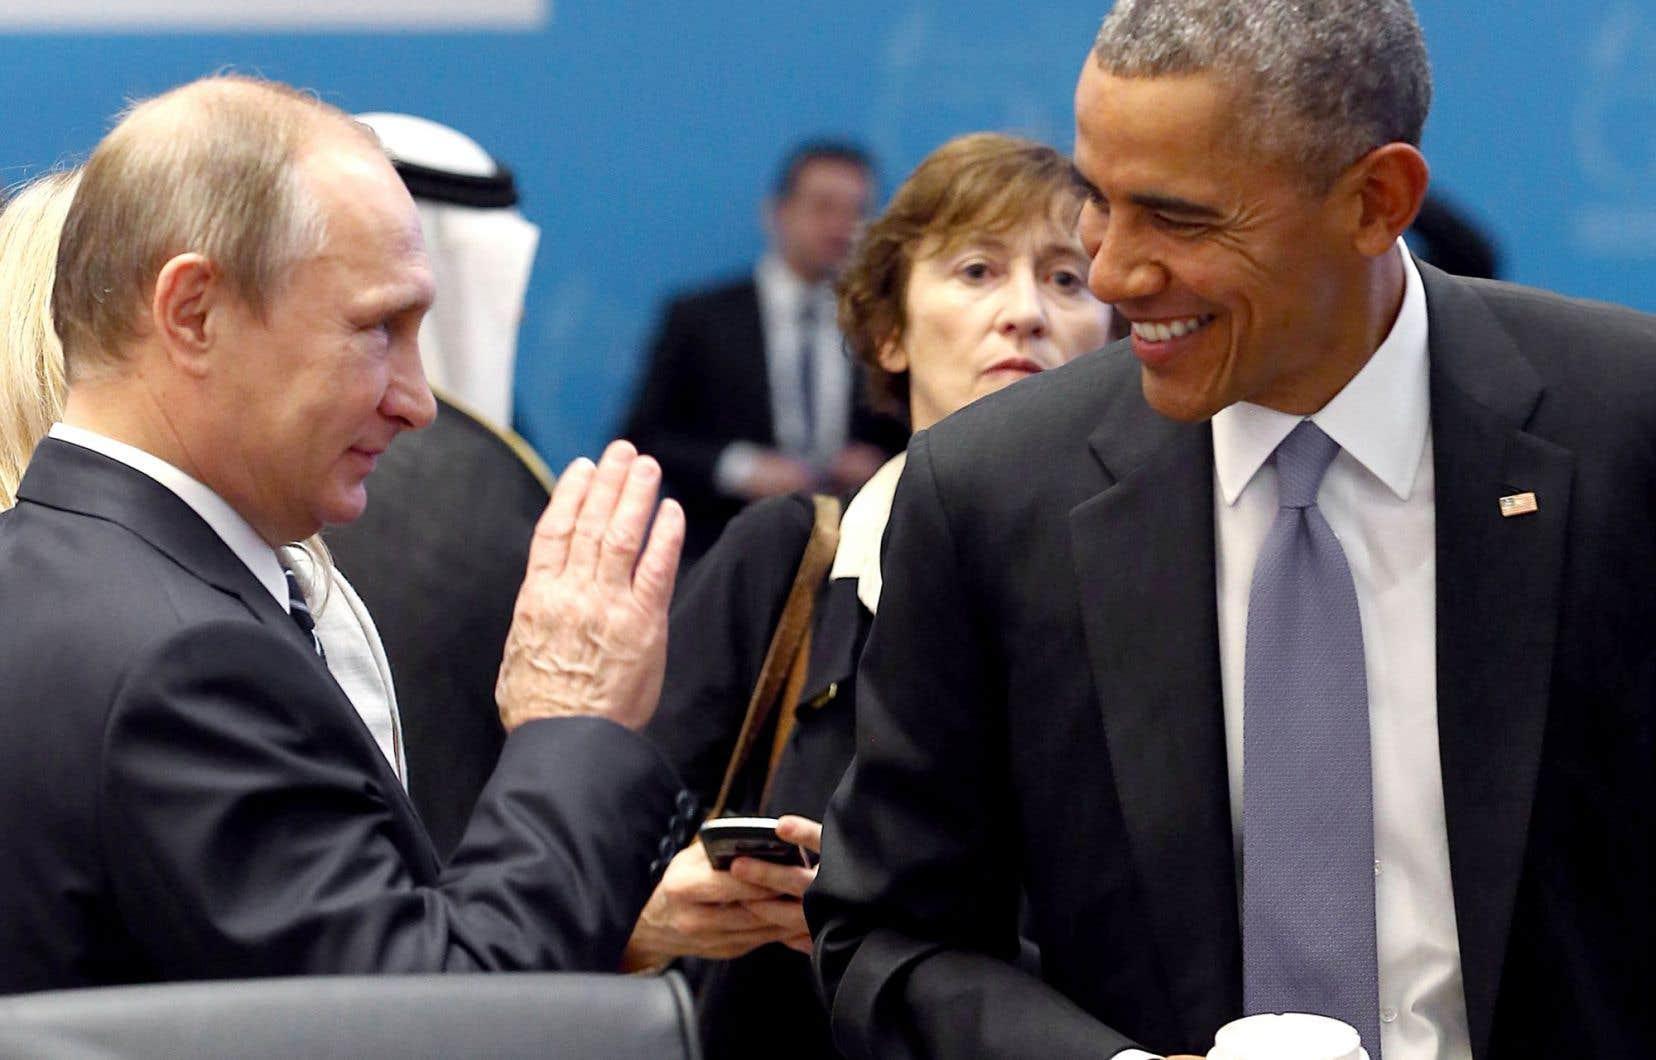 Vladimir Poutine et Barack Obama ont eu une rencontre-surprise lundi au sommet du G20 en Turquie.